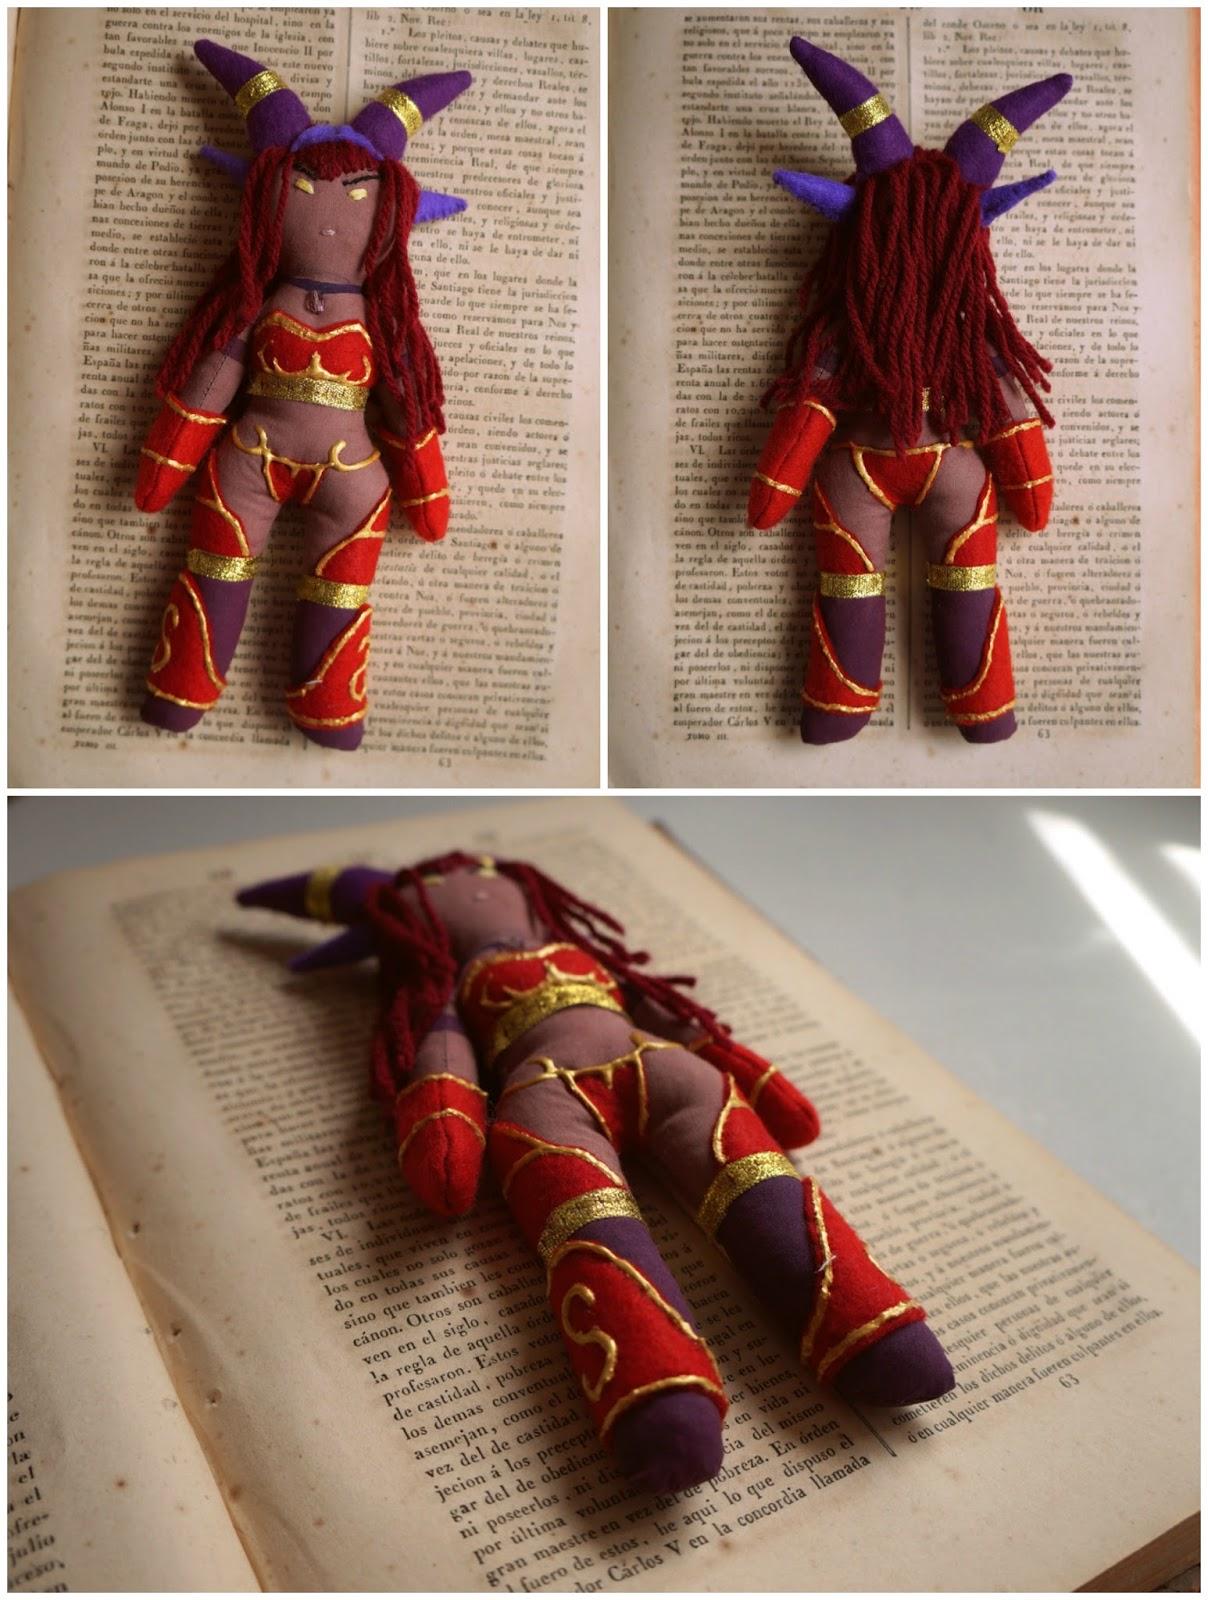 Muñeca personalizada de Alextrasza, World of Warcraft.